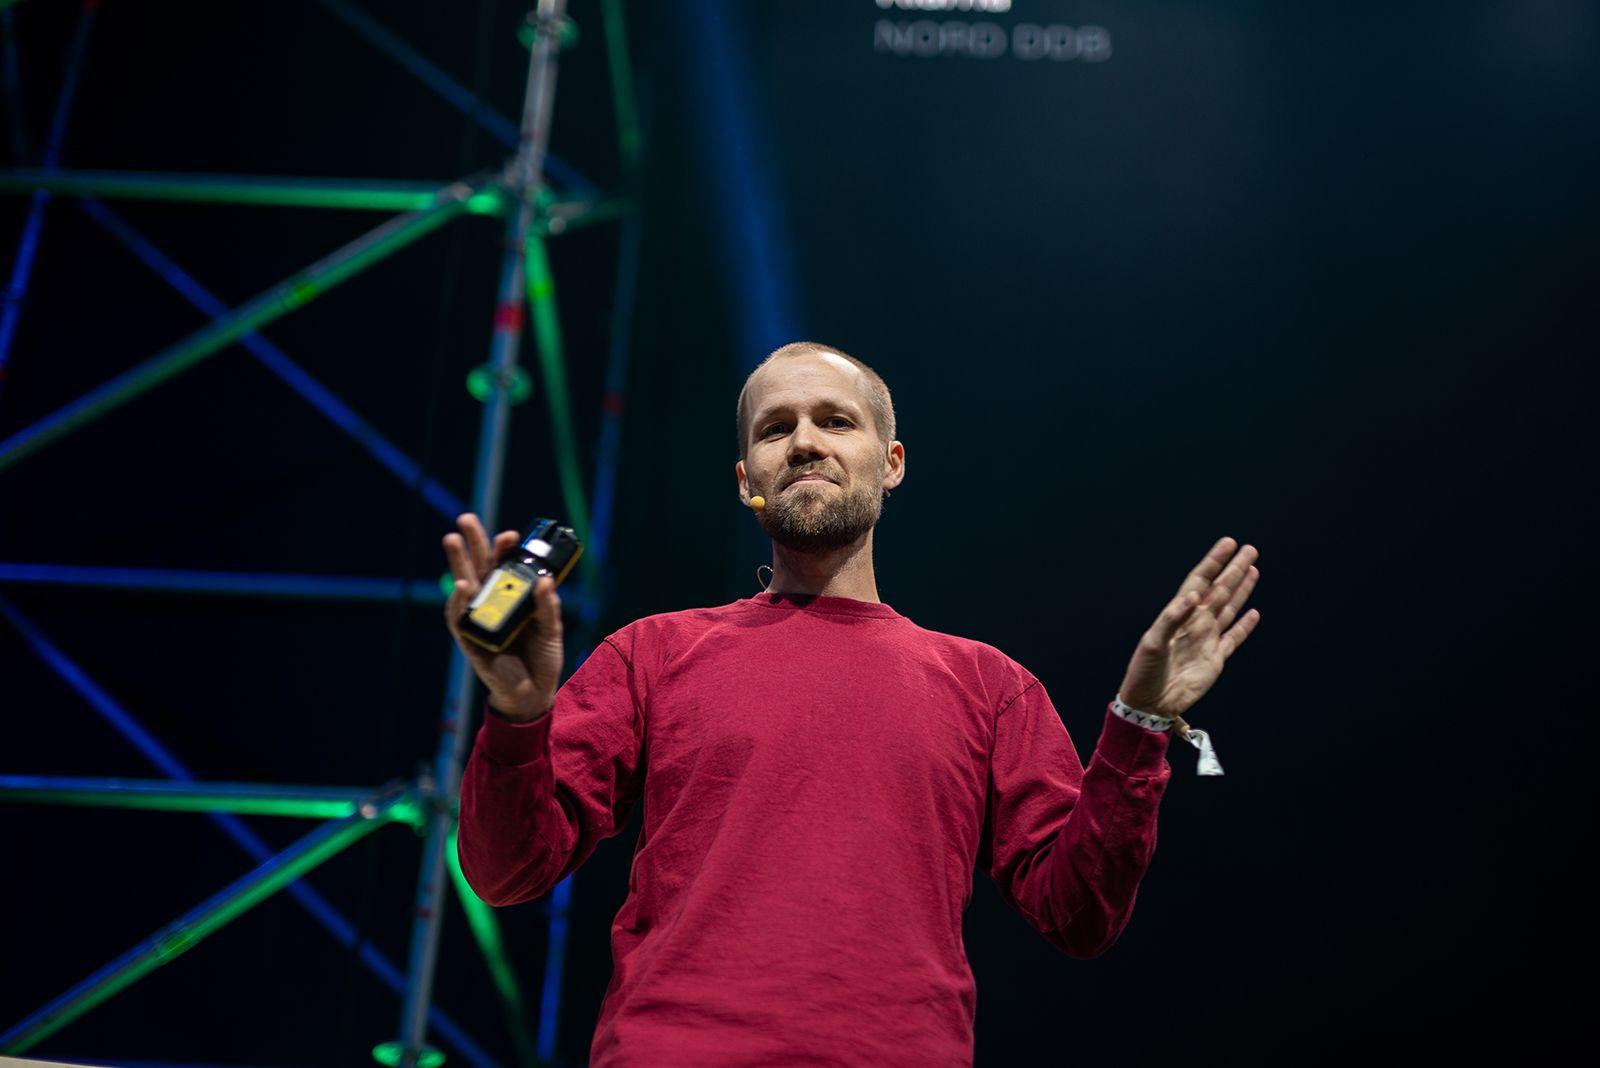 Photo of Lars Kjelsnes